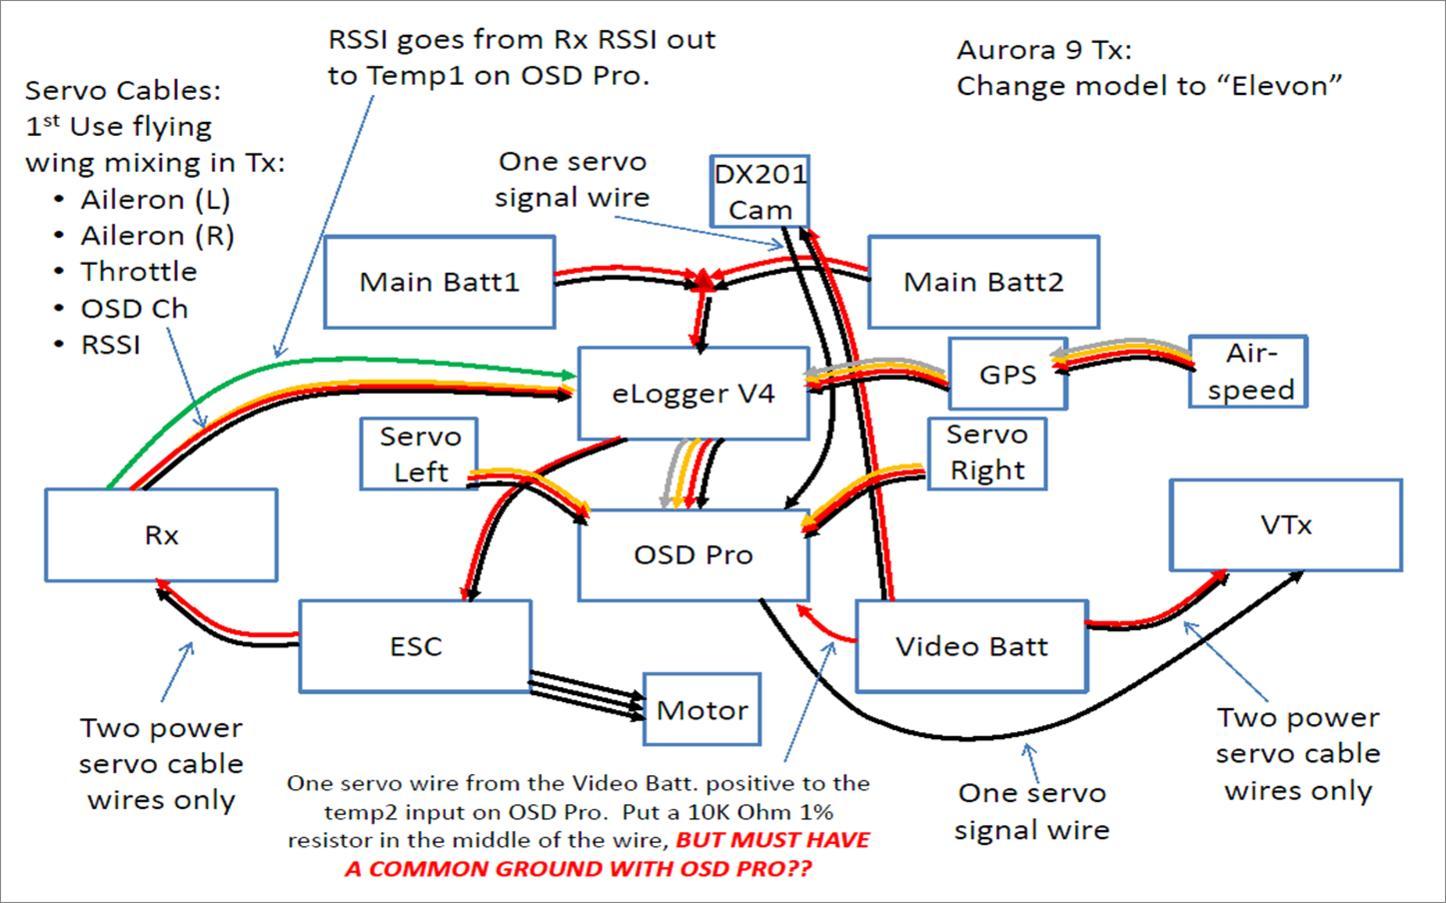 a3943686 53 OSD Pro Wiring Diagram In Progress?d=1302894340 attachment browser osd pro wiring diagram in progress jpg by eagle tree osd pro wiring diagram at aneh.co